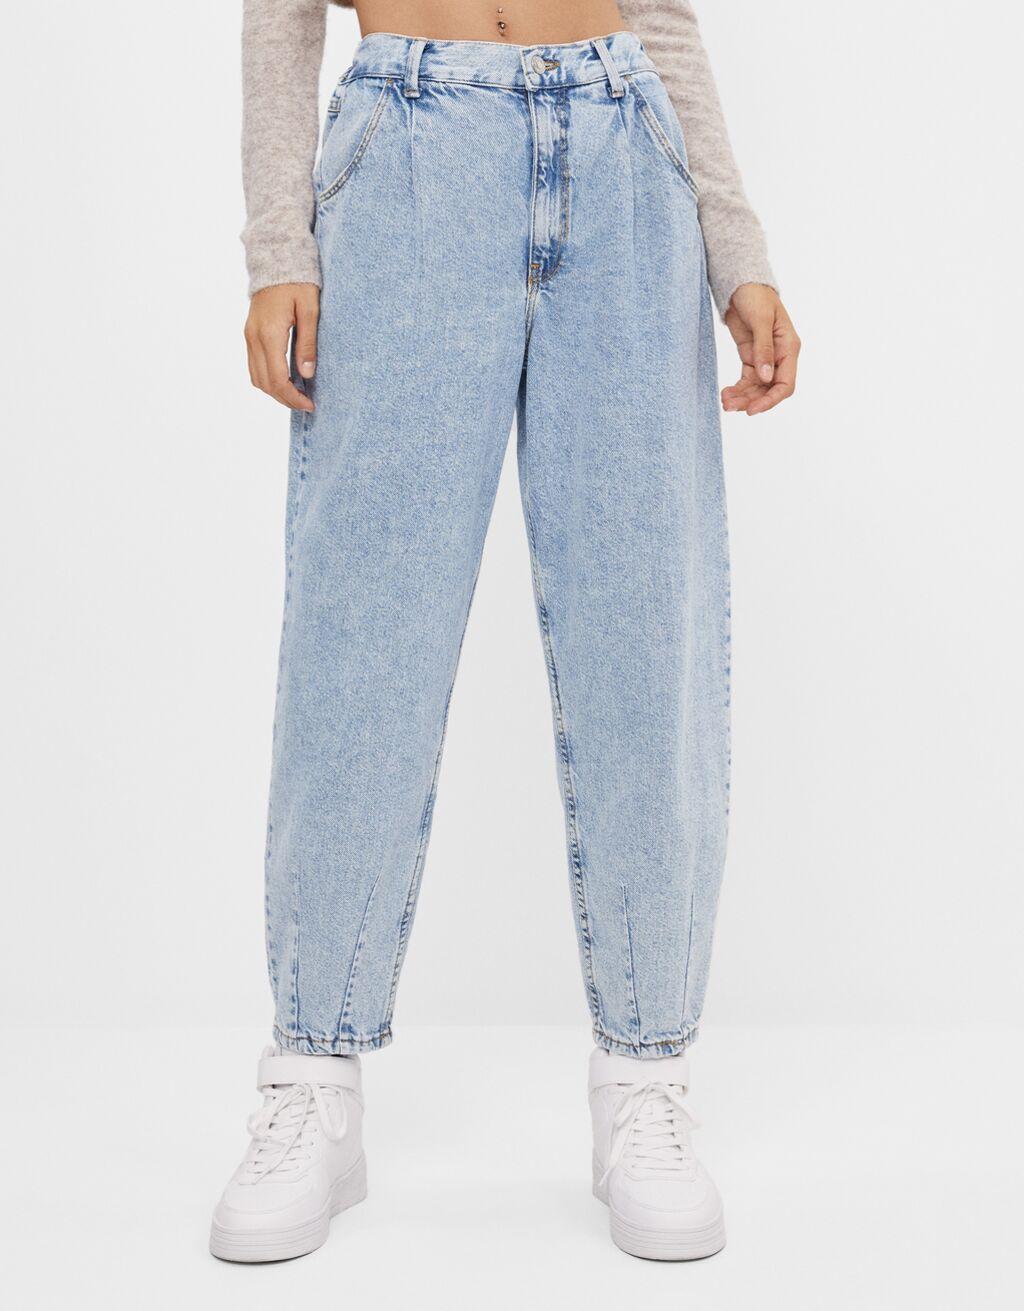 Balloon fit jeans - Trousers - Women | Bershka